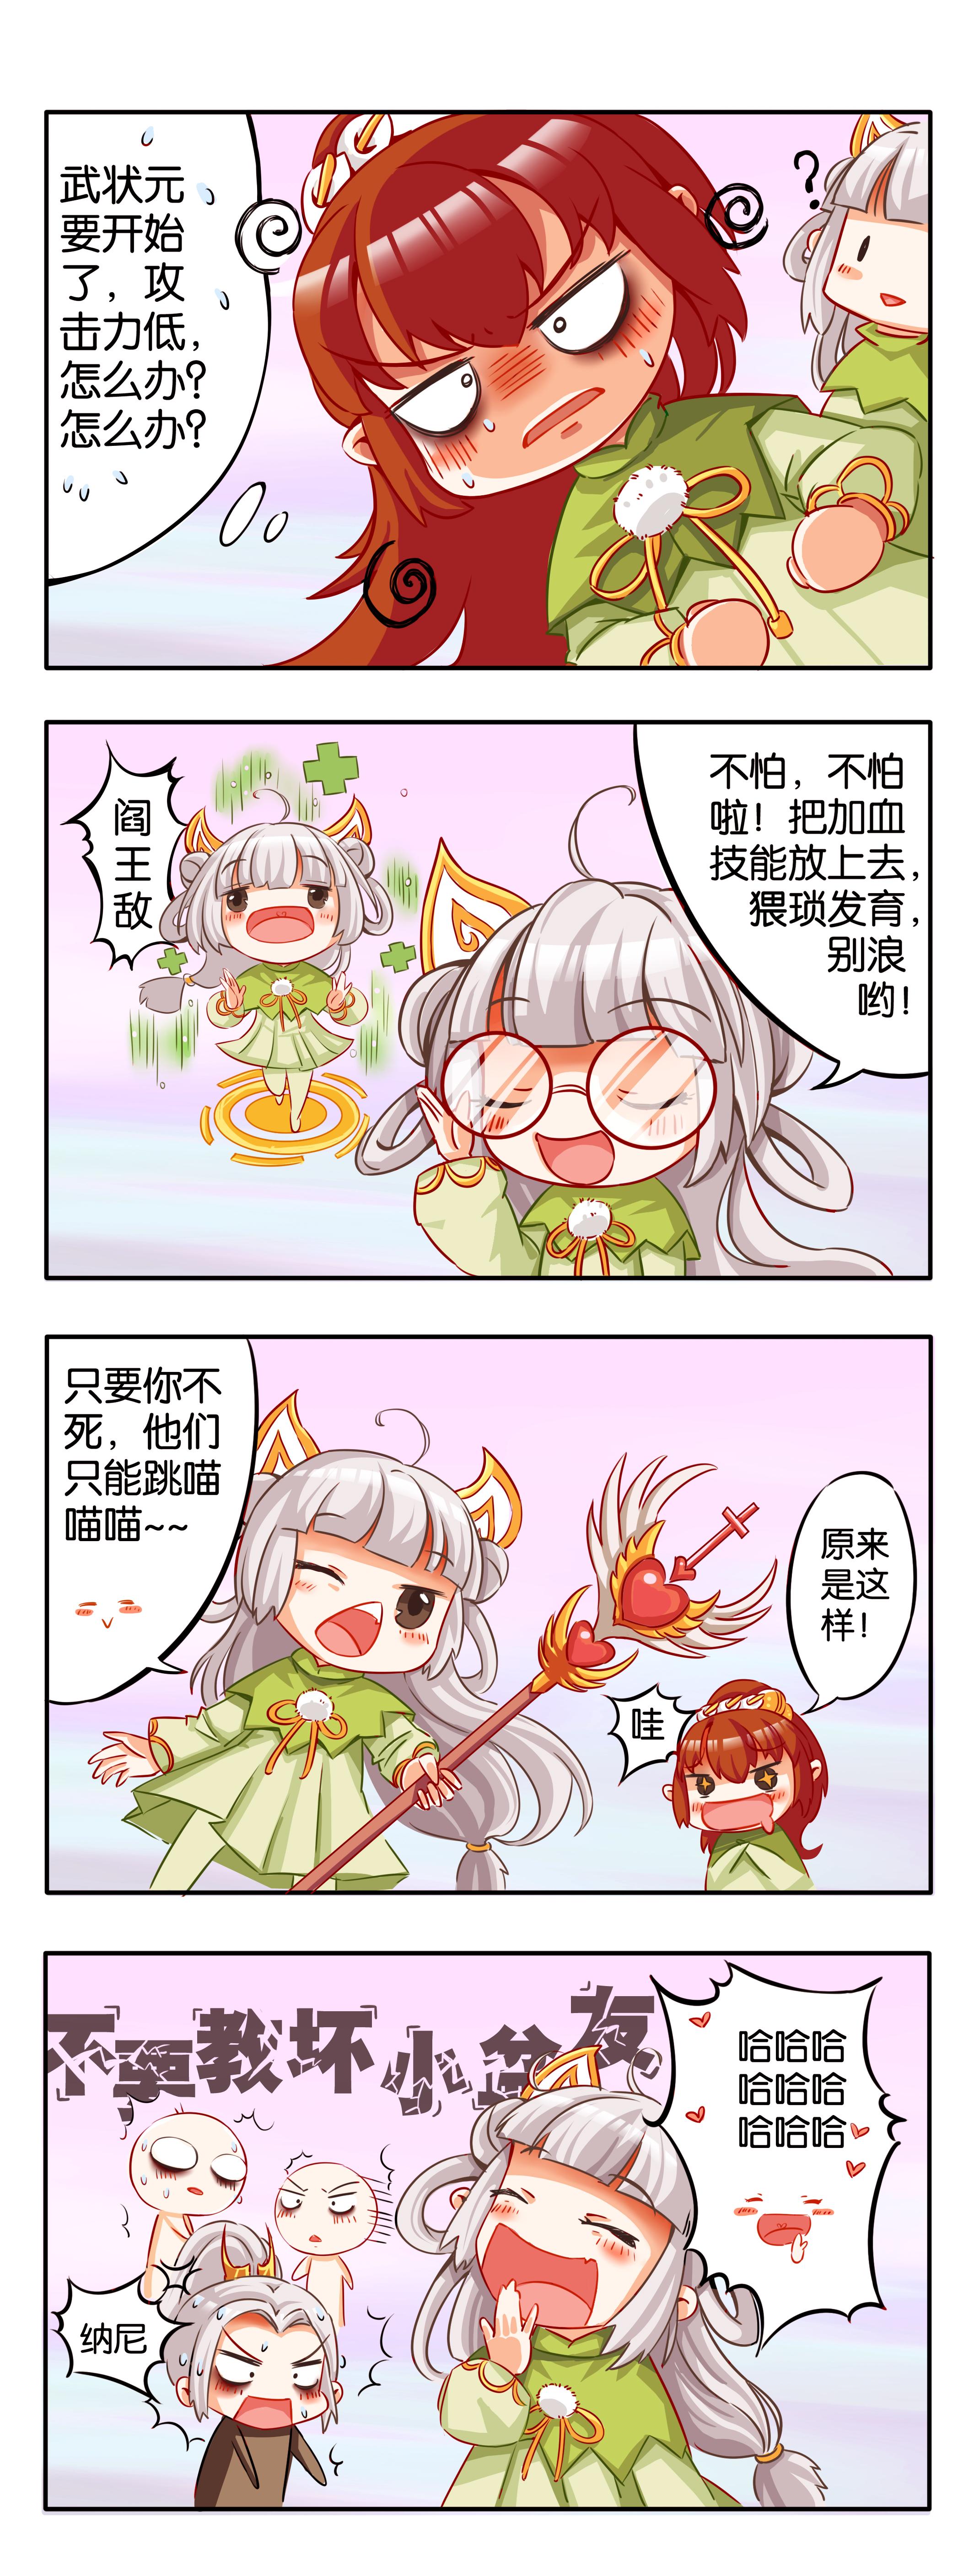 图片: 比武赛之猥琐发育别浪--橙子暖(1).jpg